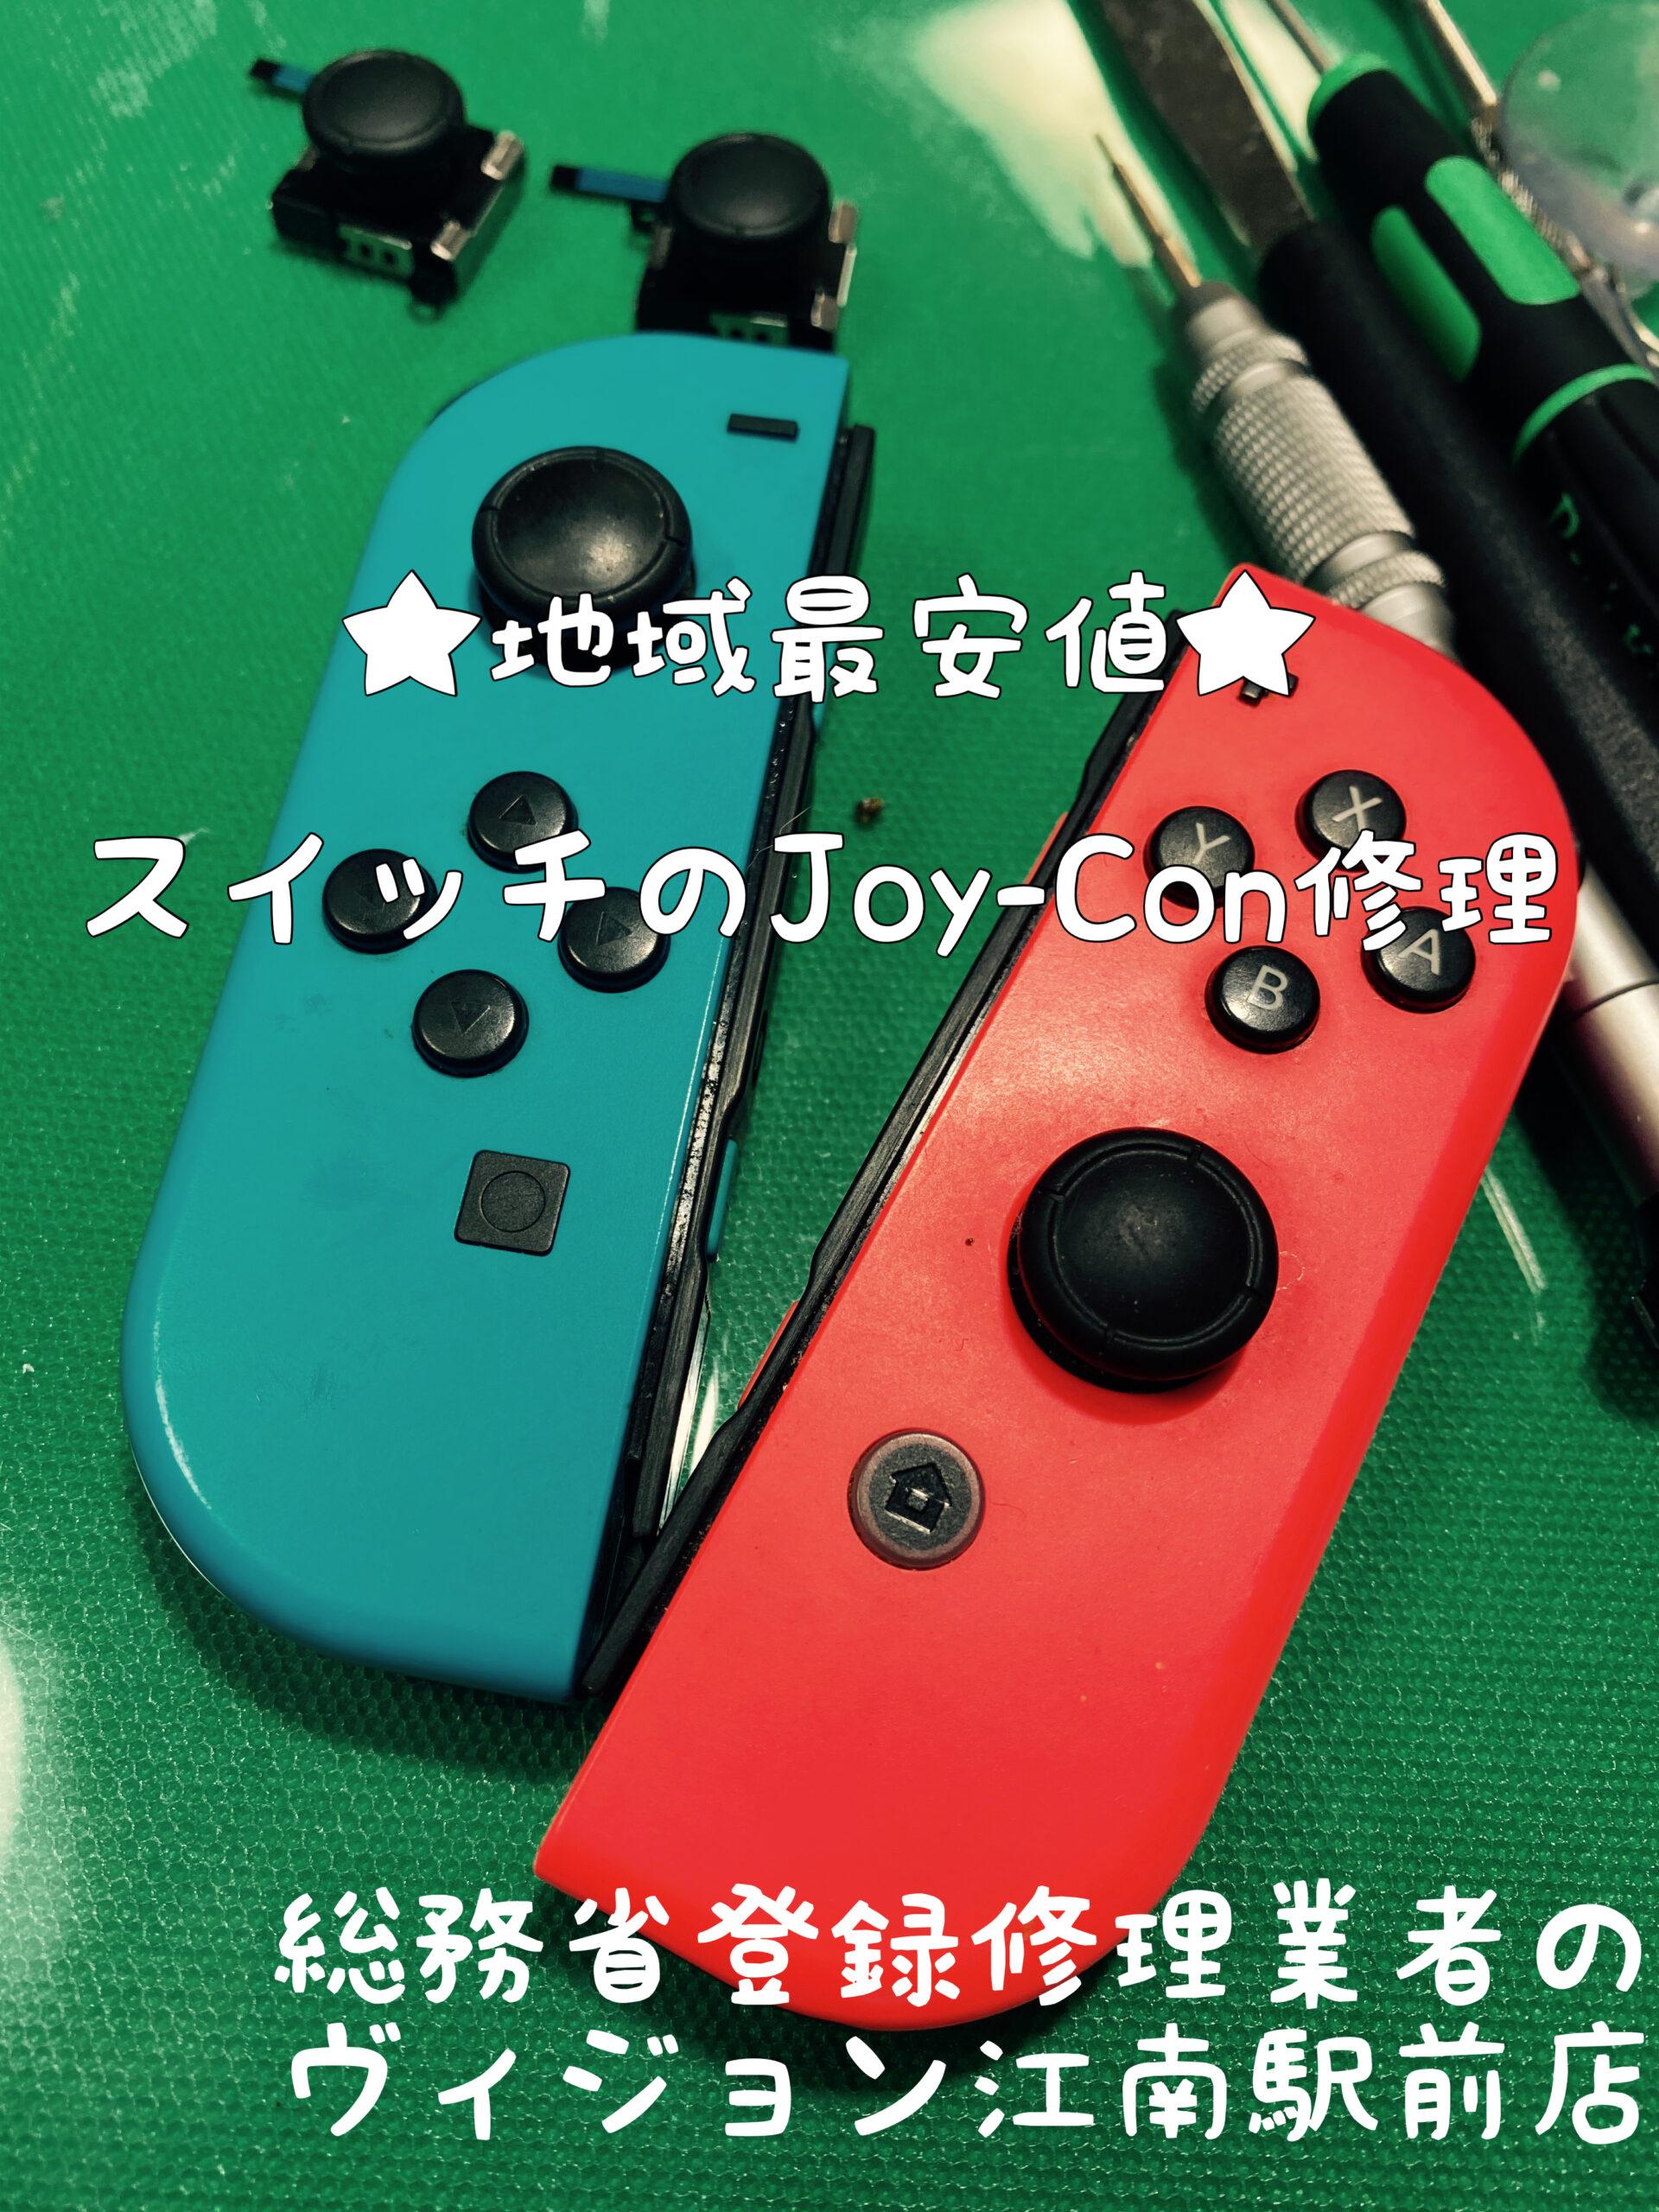 スイッチ修理 ニンテンドー Switch修理 ジョイコン修理 Joy-Con修理 江南市 愛知 郵送 安い 格安